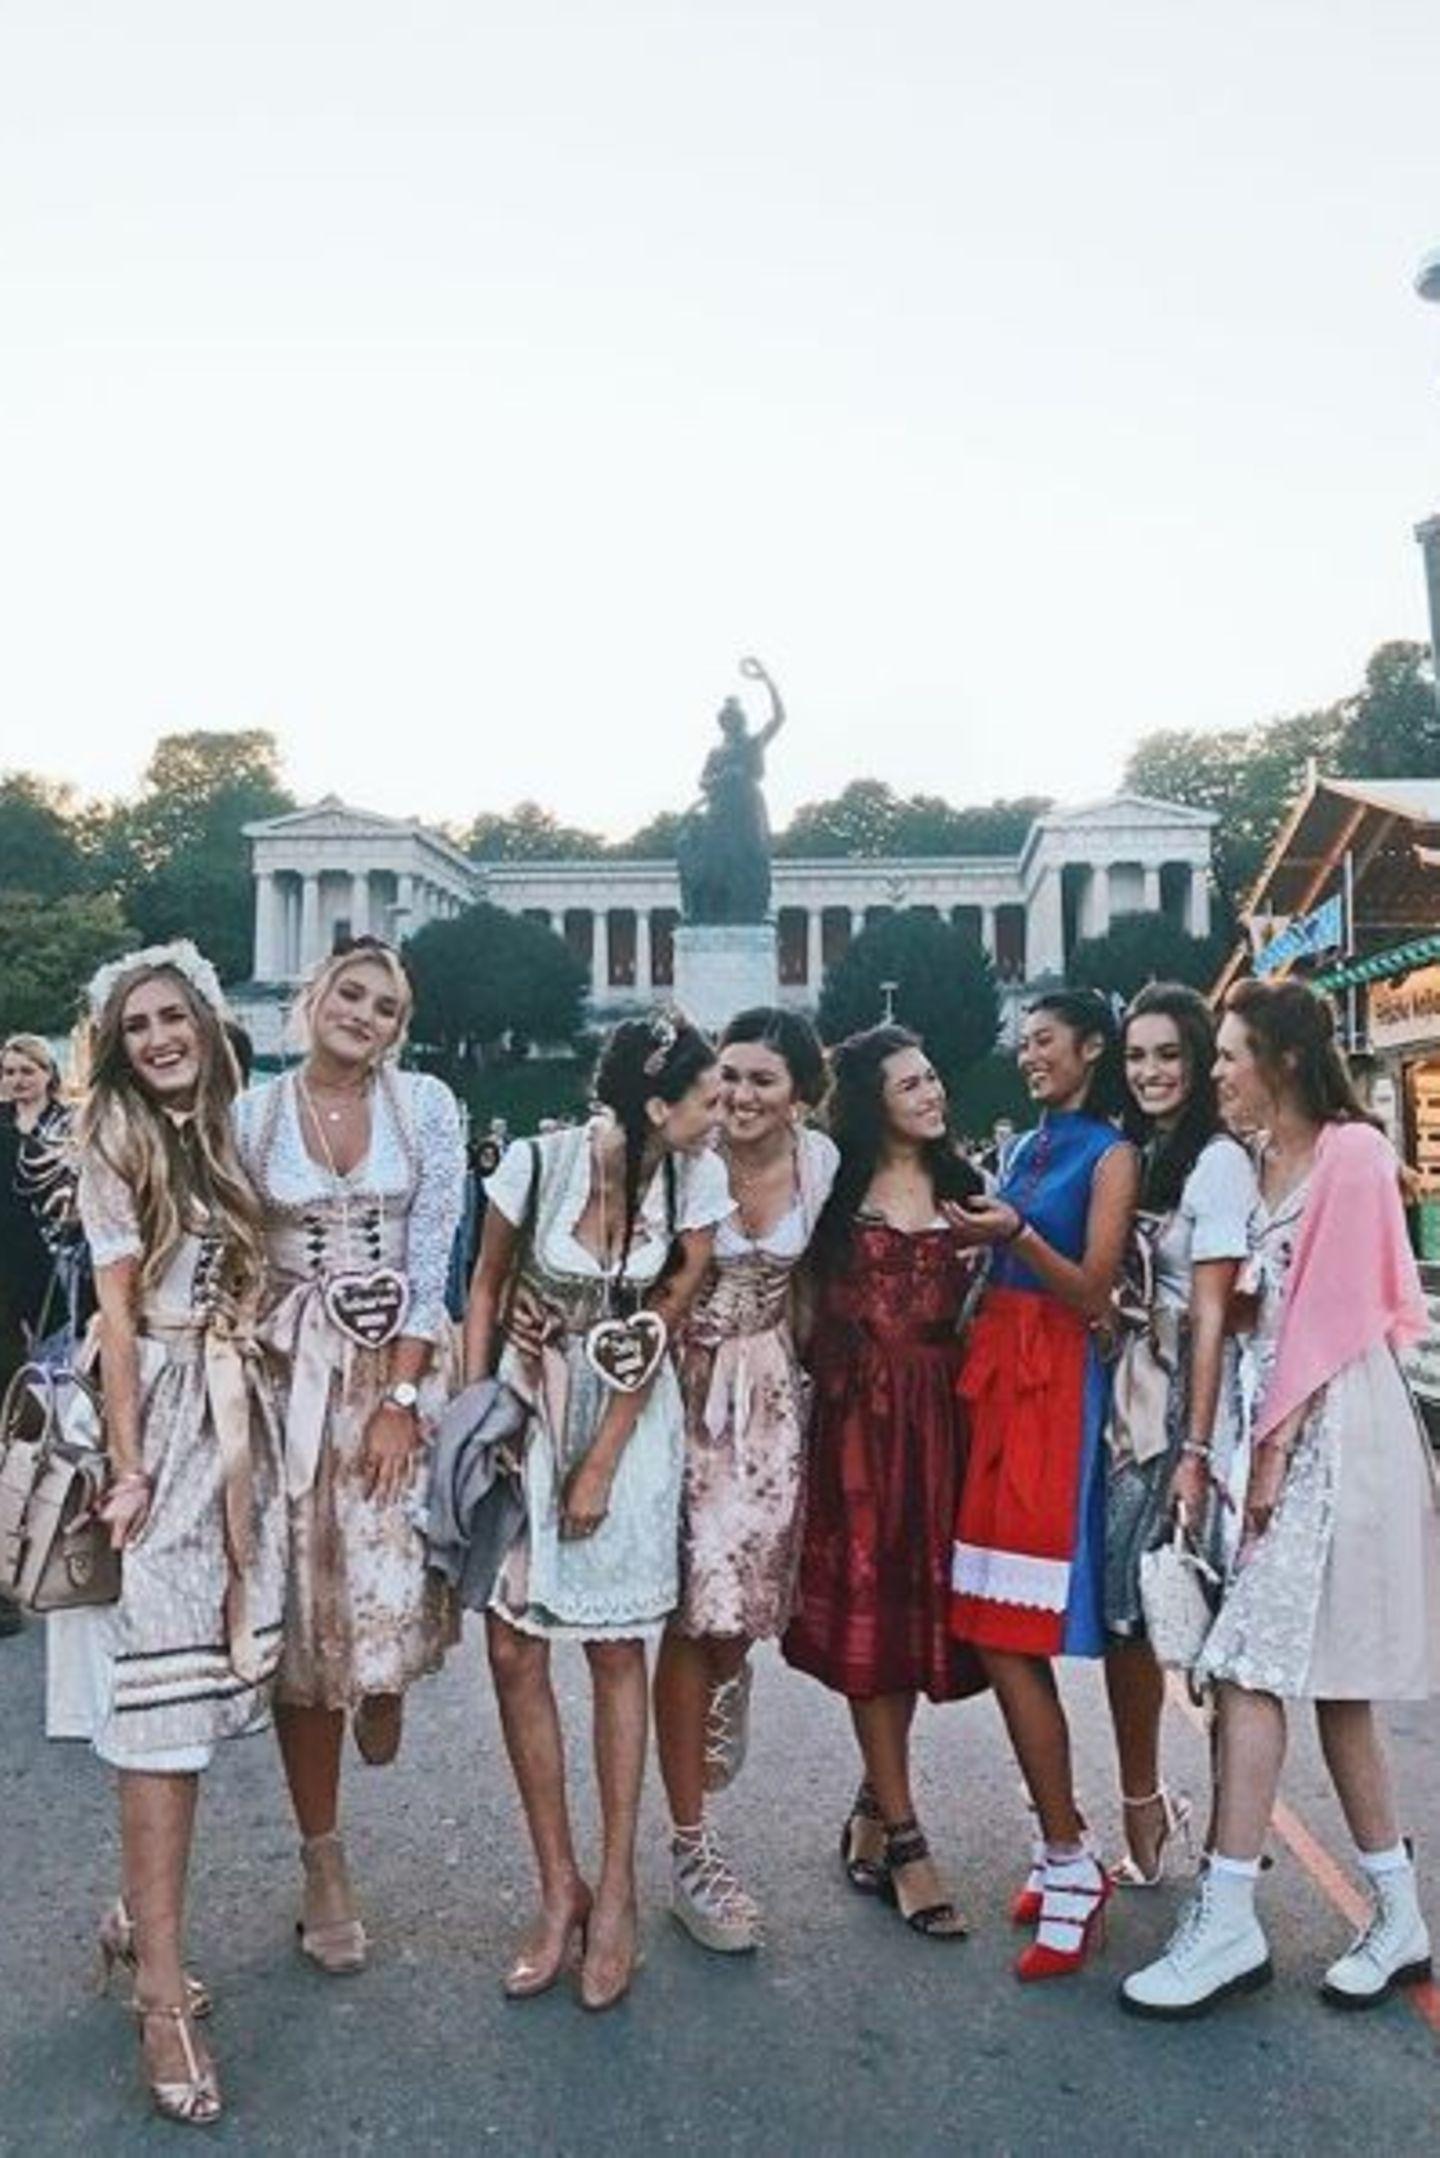 Die Bloggerin und ehemalige GNTM-Kandidatin Anna Maria Damm ist mit ihrer Girls-Clique unterwegs. Dazu gehört auch Anuthida Ploypetch, die ebenfalls zu Heidis Ex-Mädels gehört.